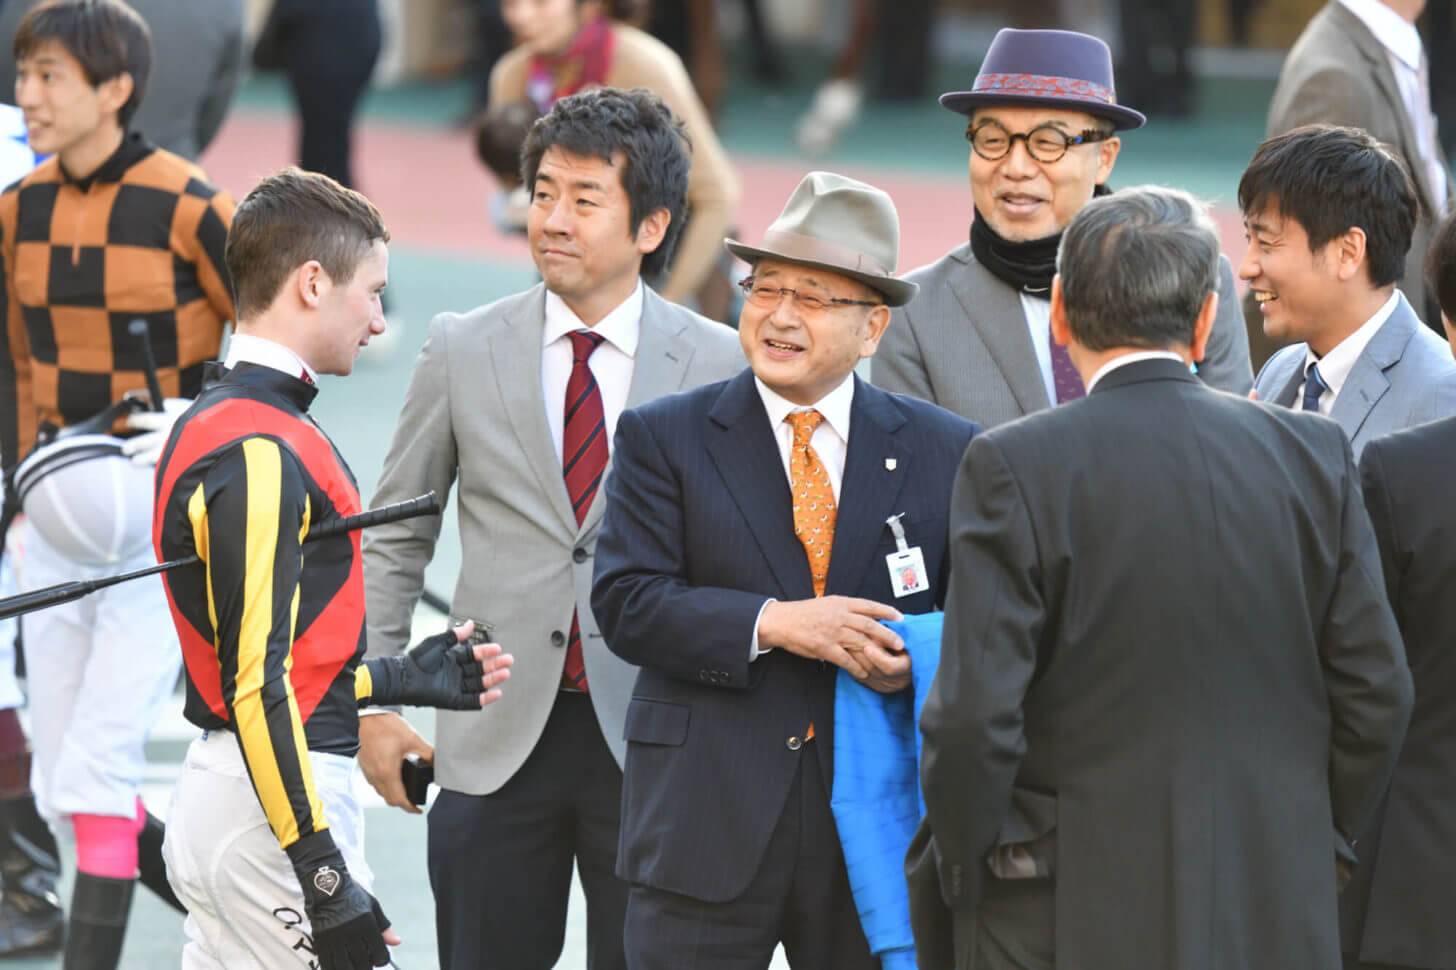 2019年チャンピオンズカップでの松国先生